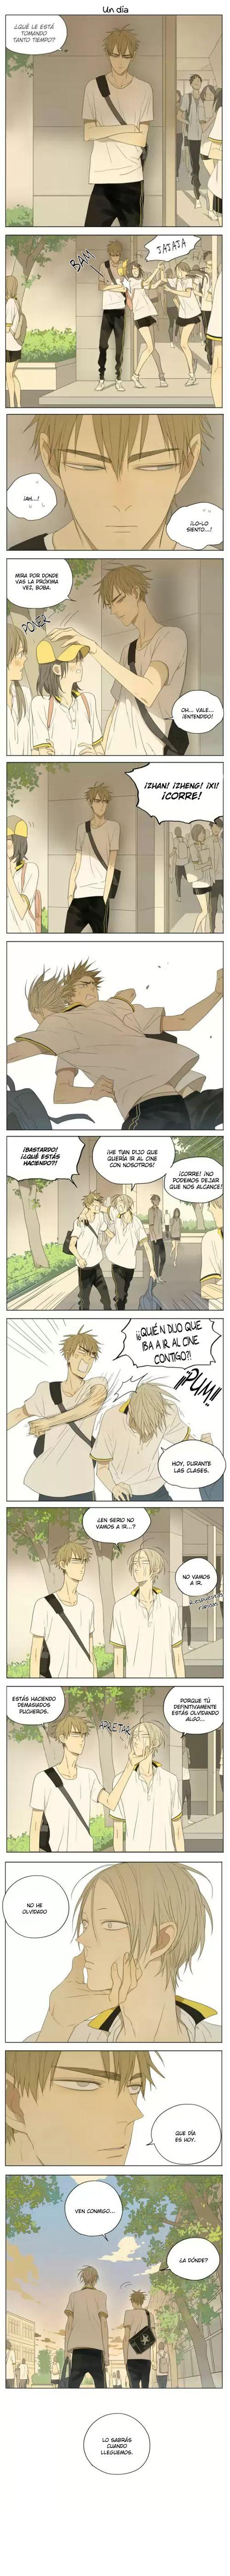 http://c5.ninemanga.com/es_manga/pic2/7/15943/518587/60f2fb7eee7b0aee5fd14b3e8692b873.jpg Page 3